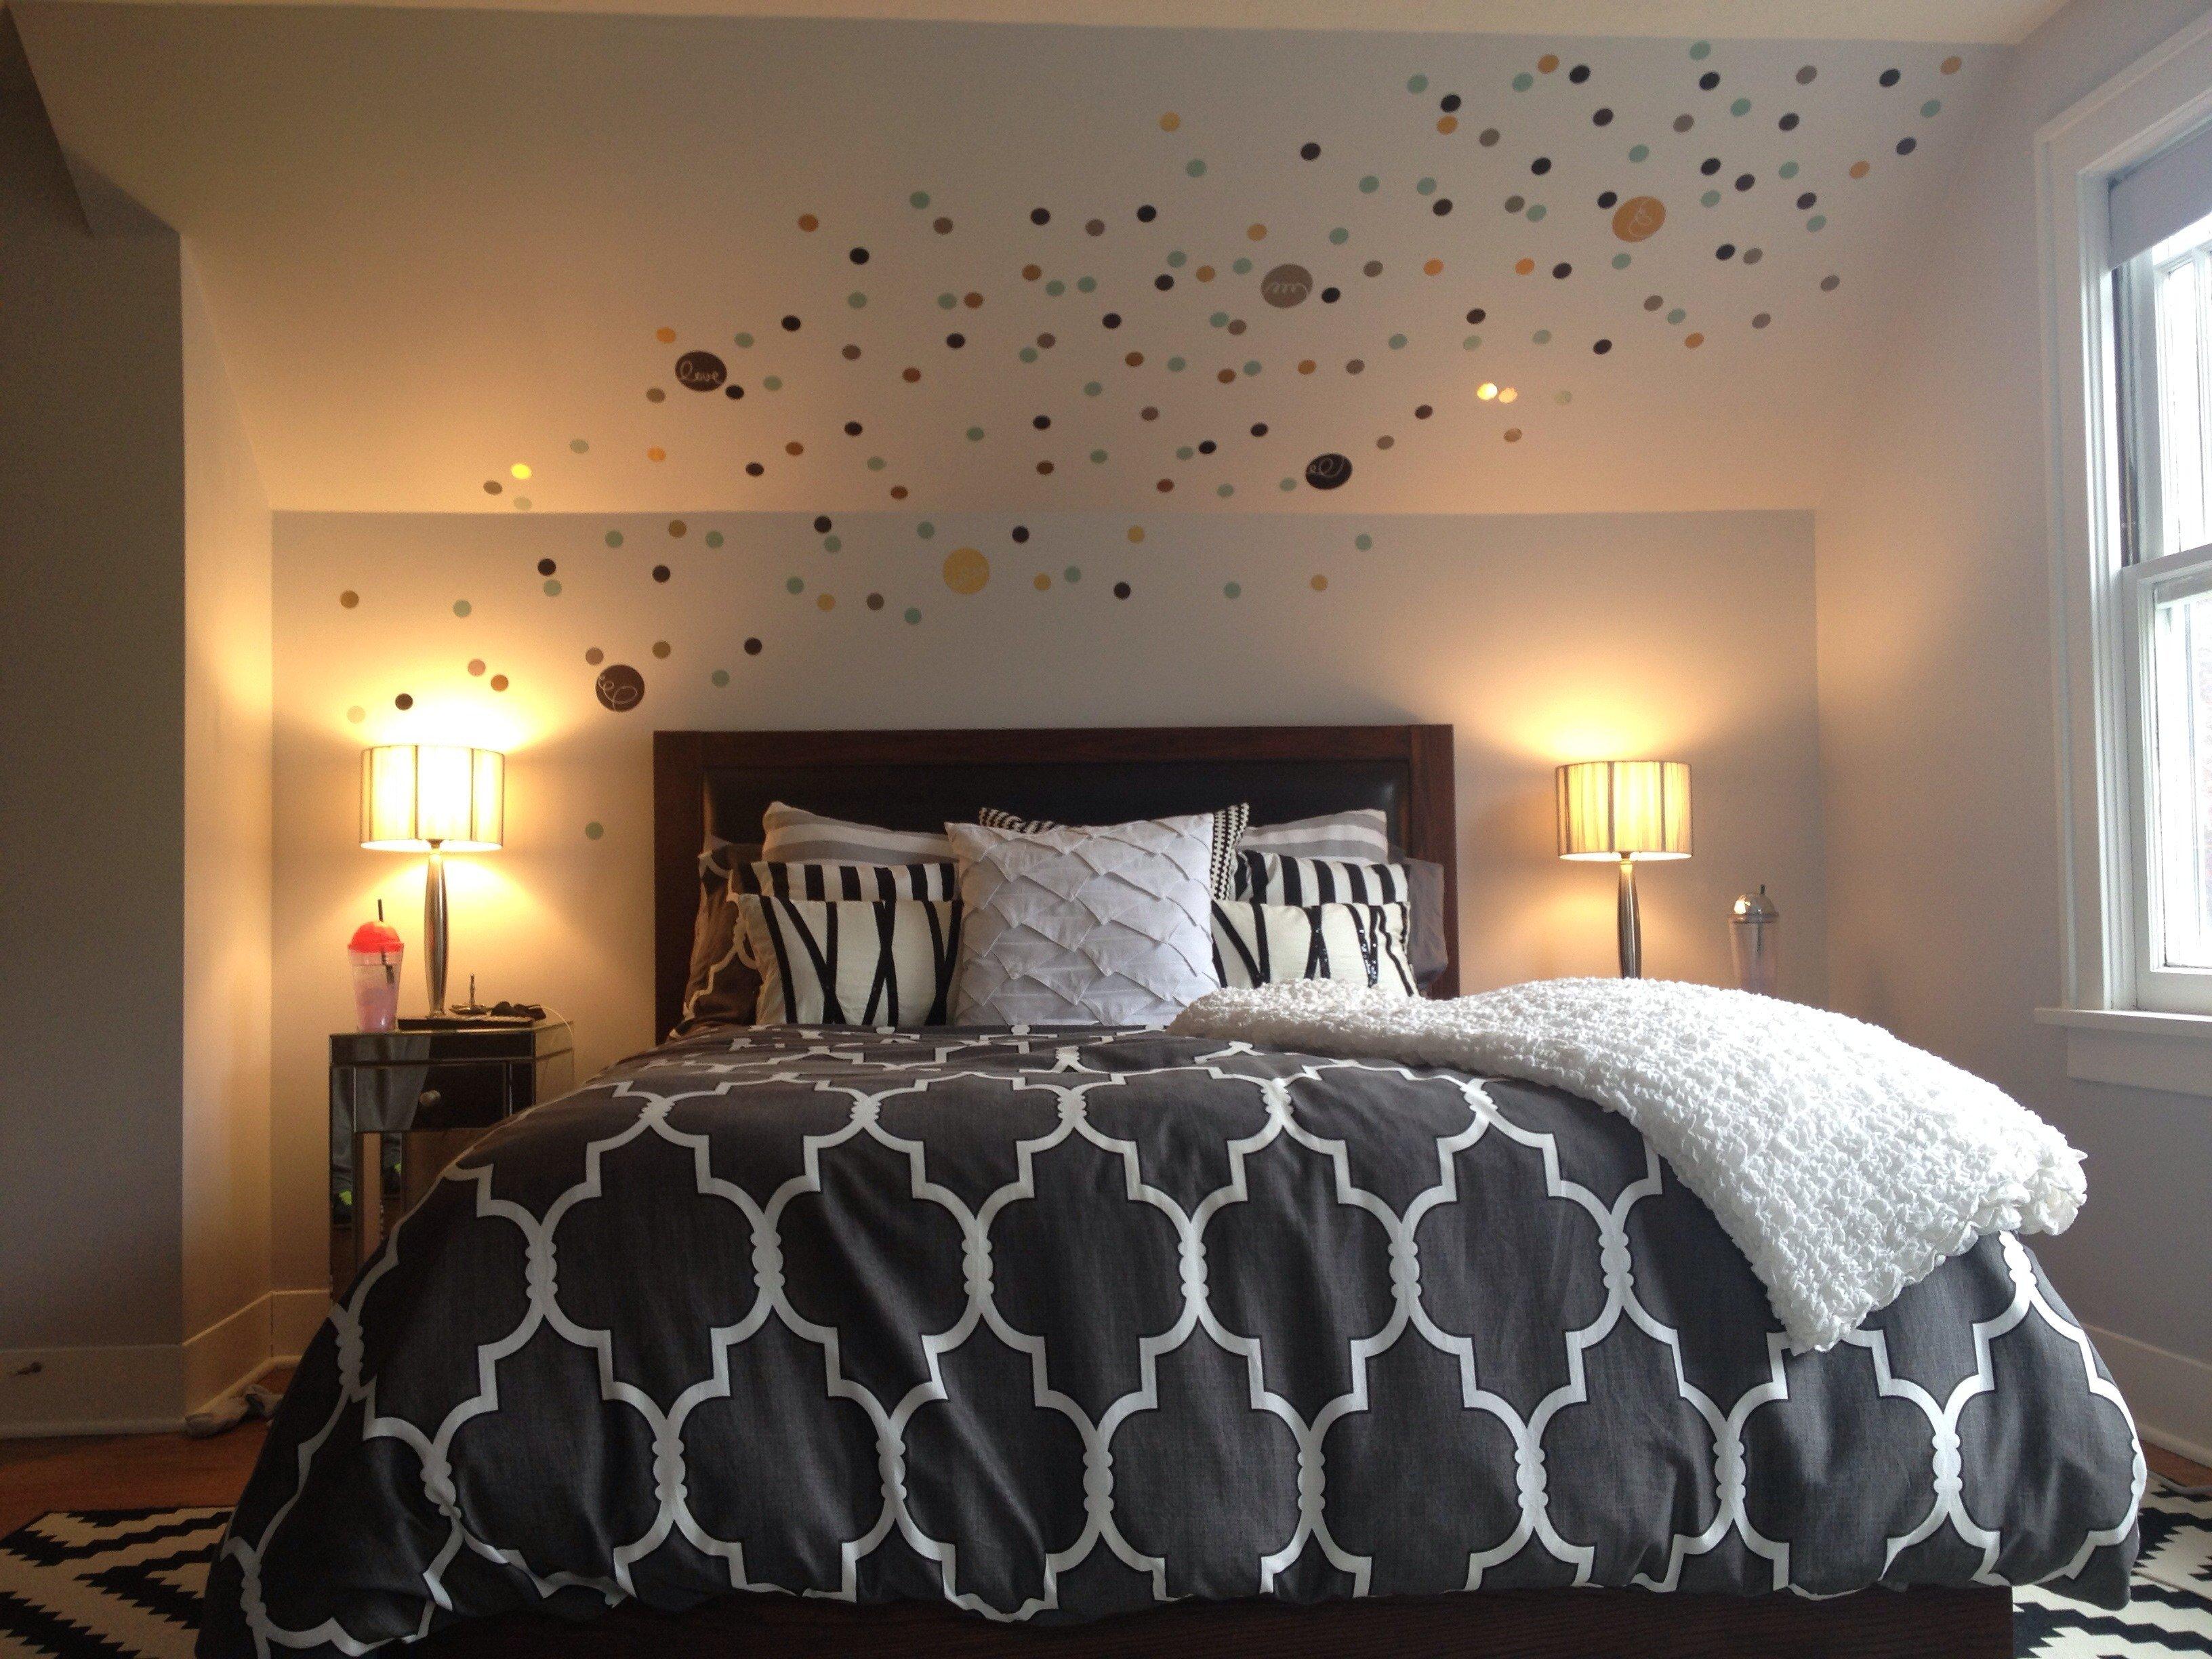 Master Bedroom Wall Decor Ideas Elegant Wall Art Ideas for Bedroom Pinterest